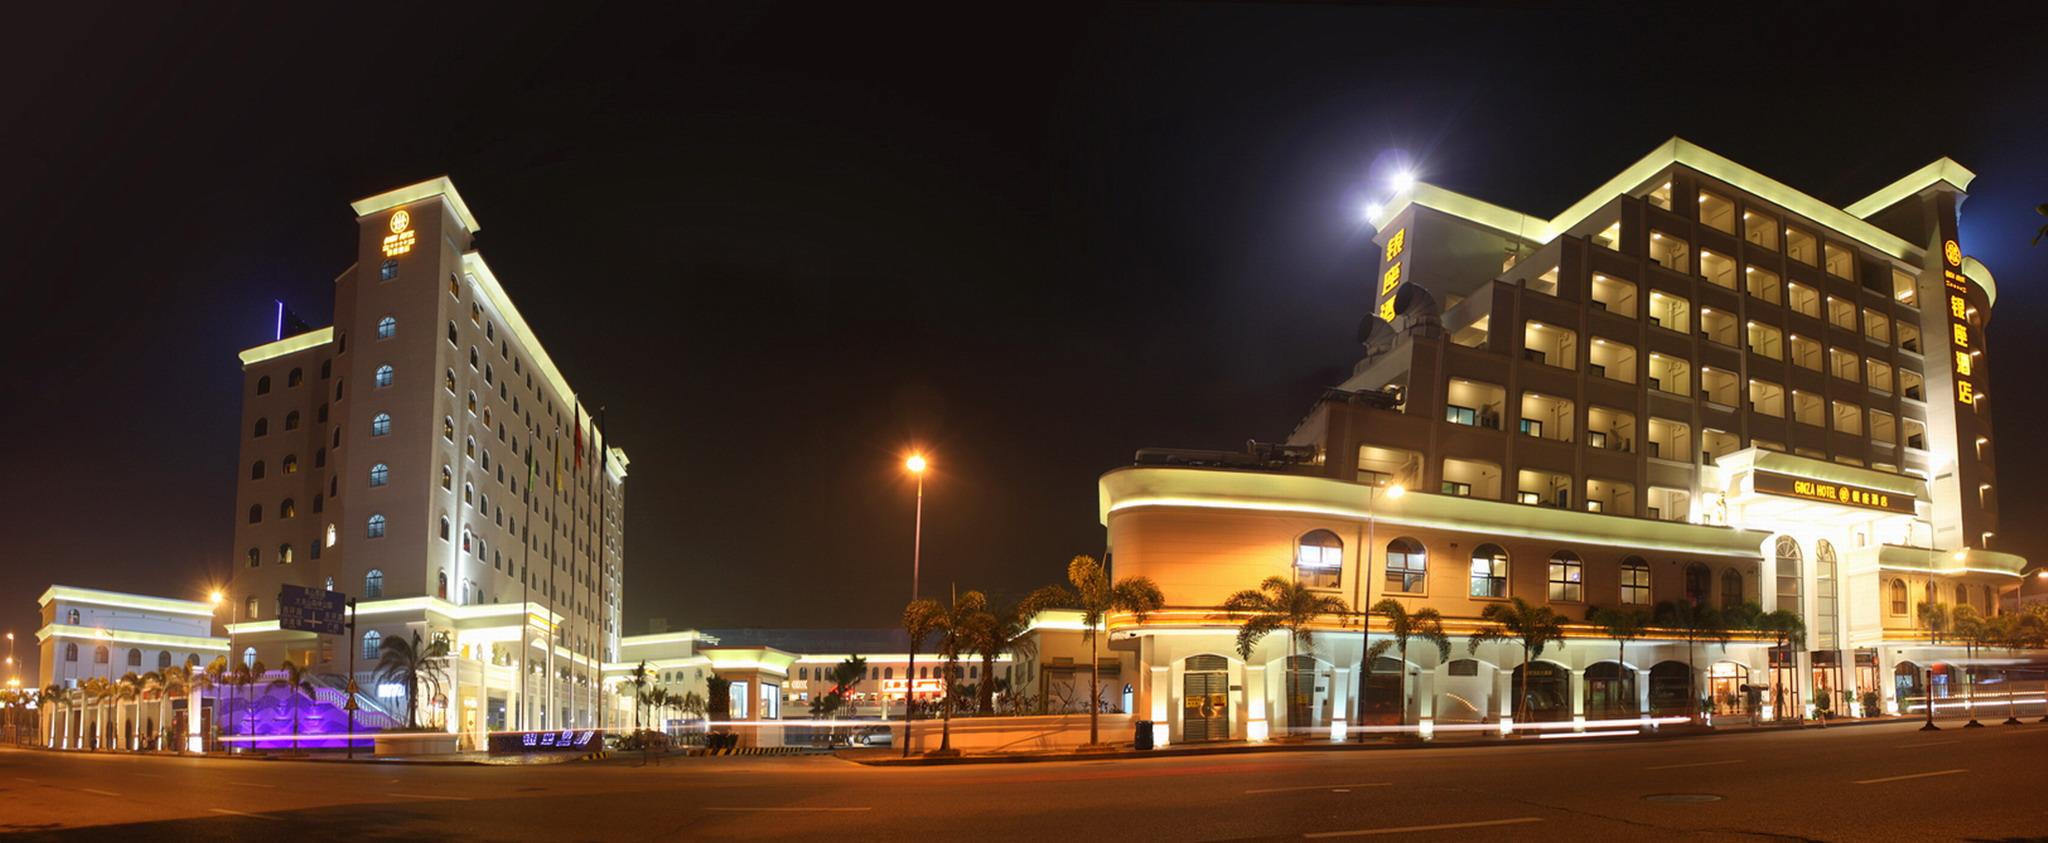 银座酒店(夜景).jpg